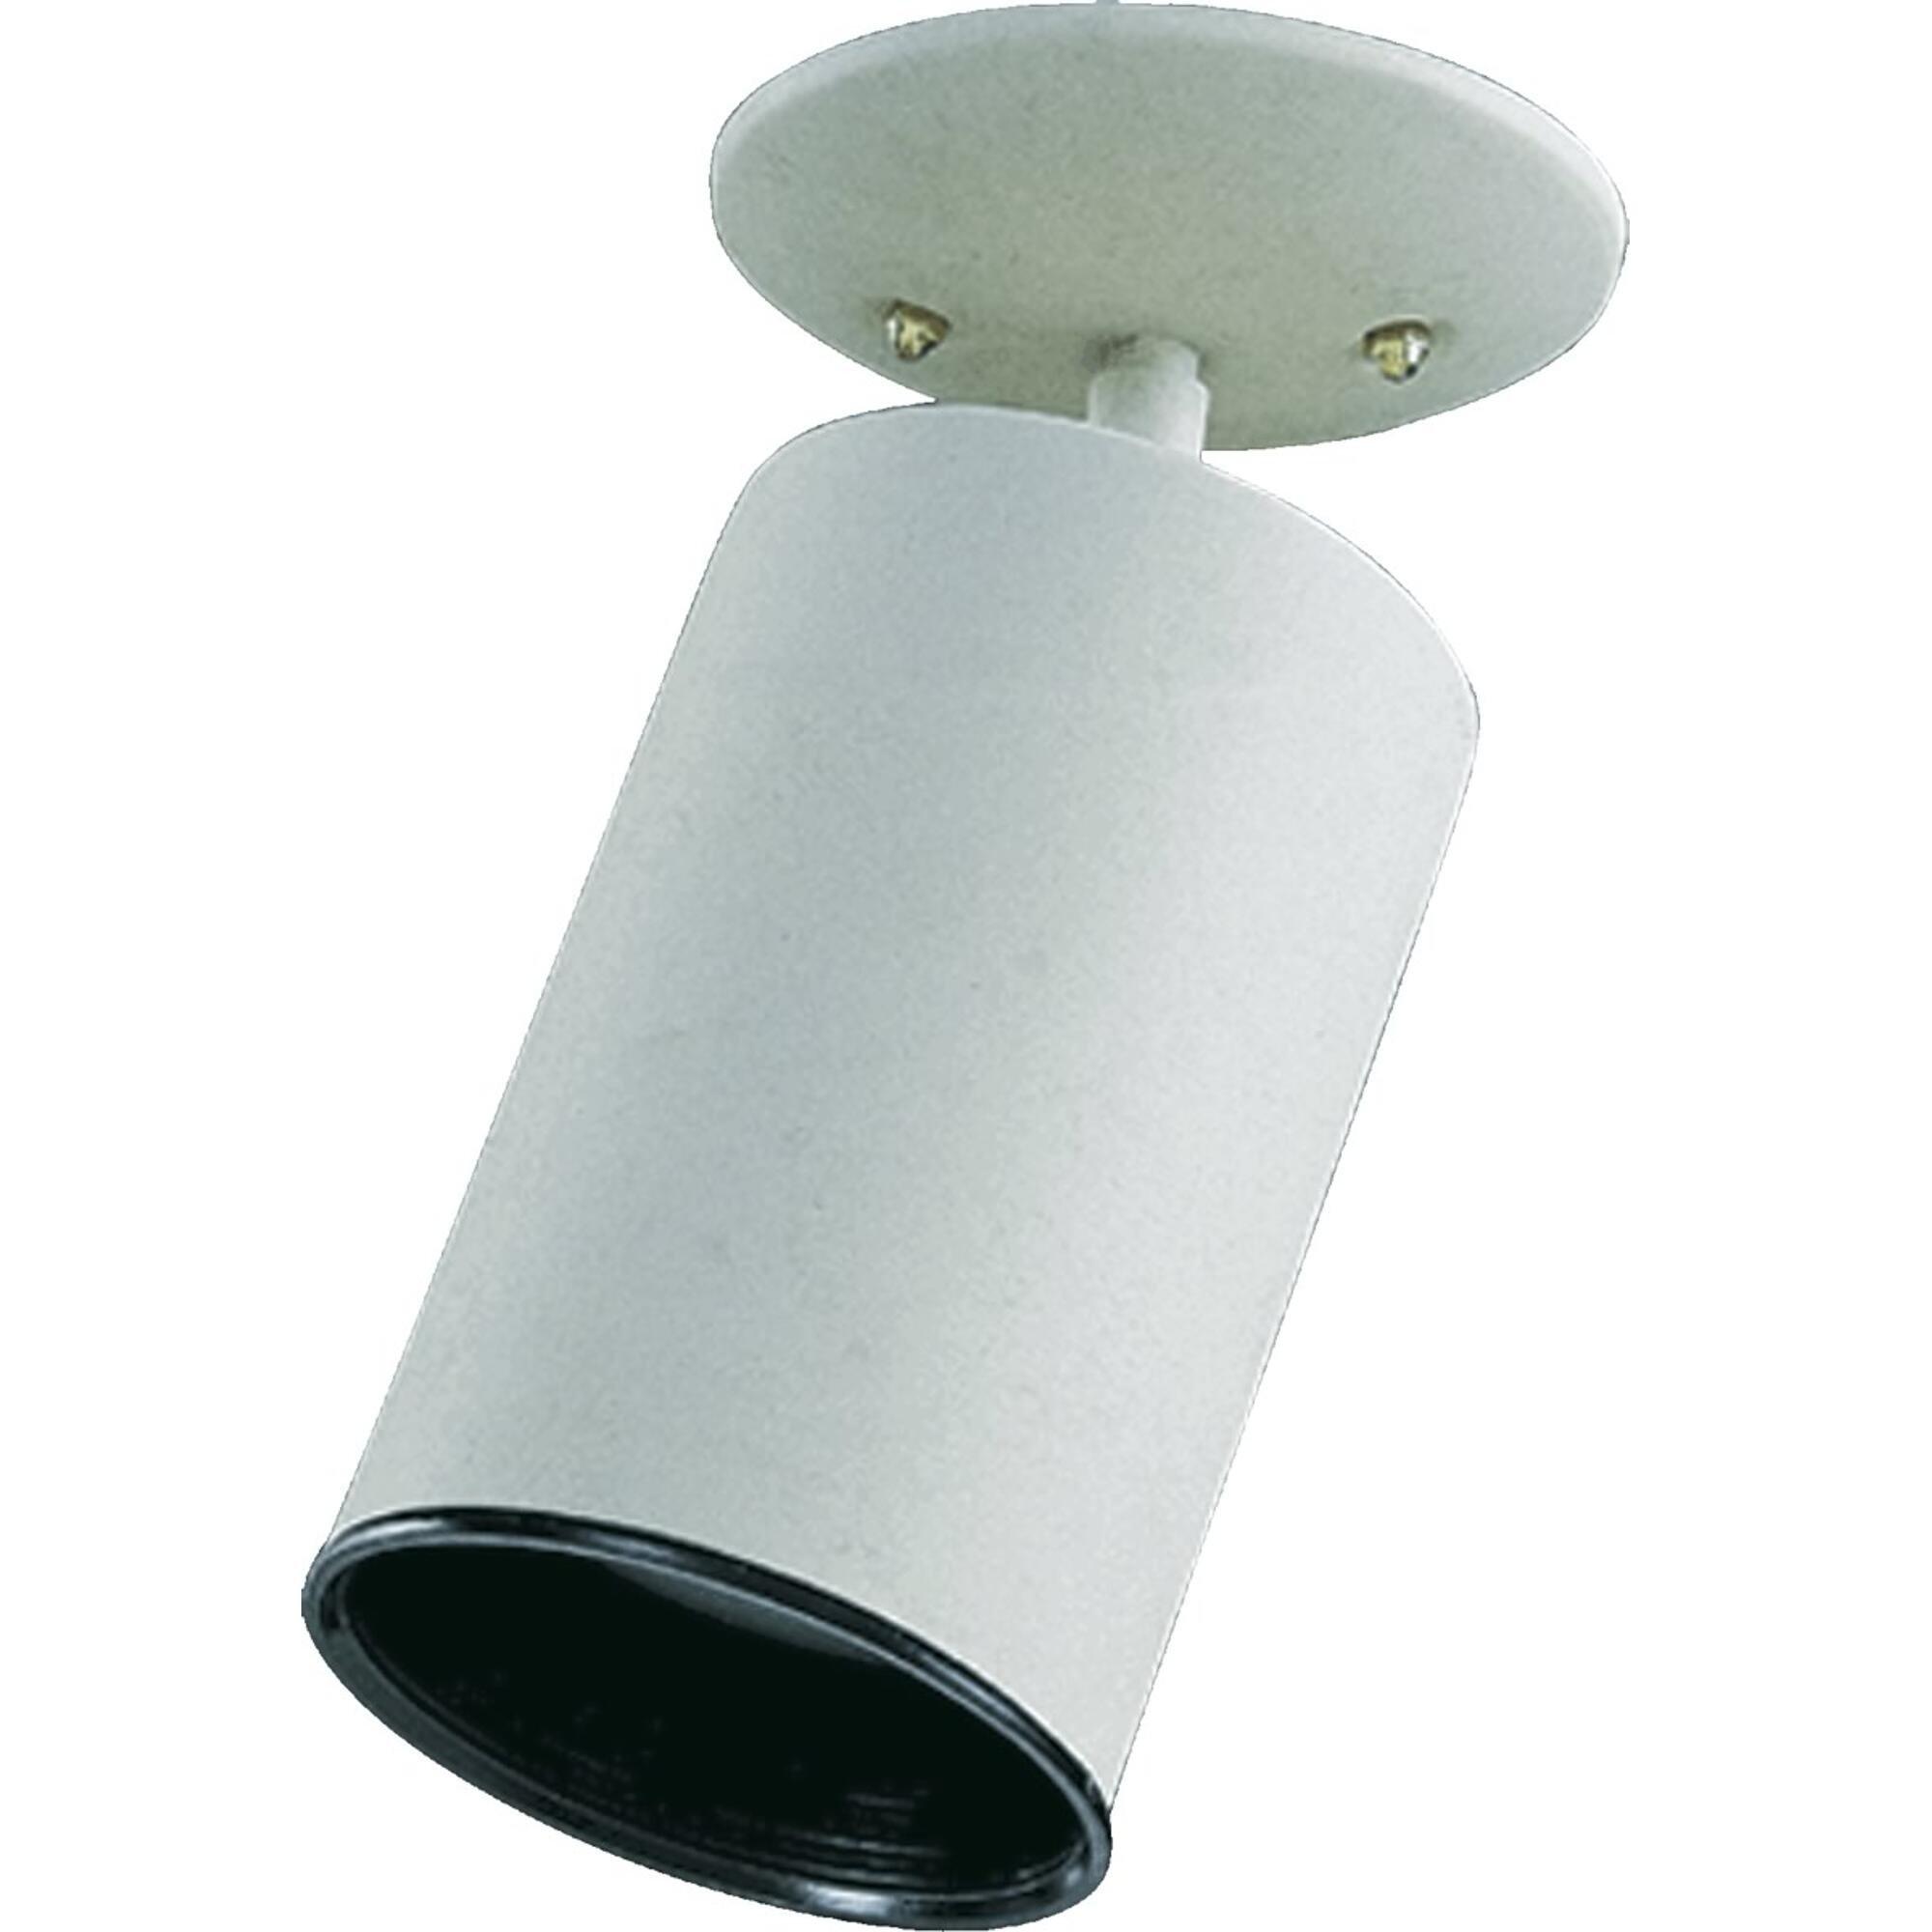 Spot Light Bulb Type: (1) 75W medium base bulb, Finish: White